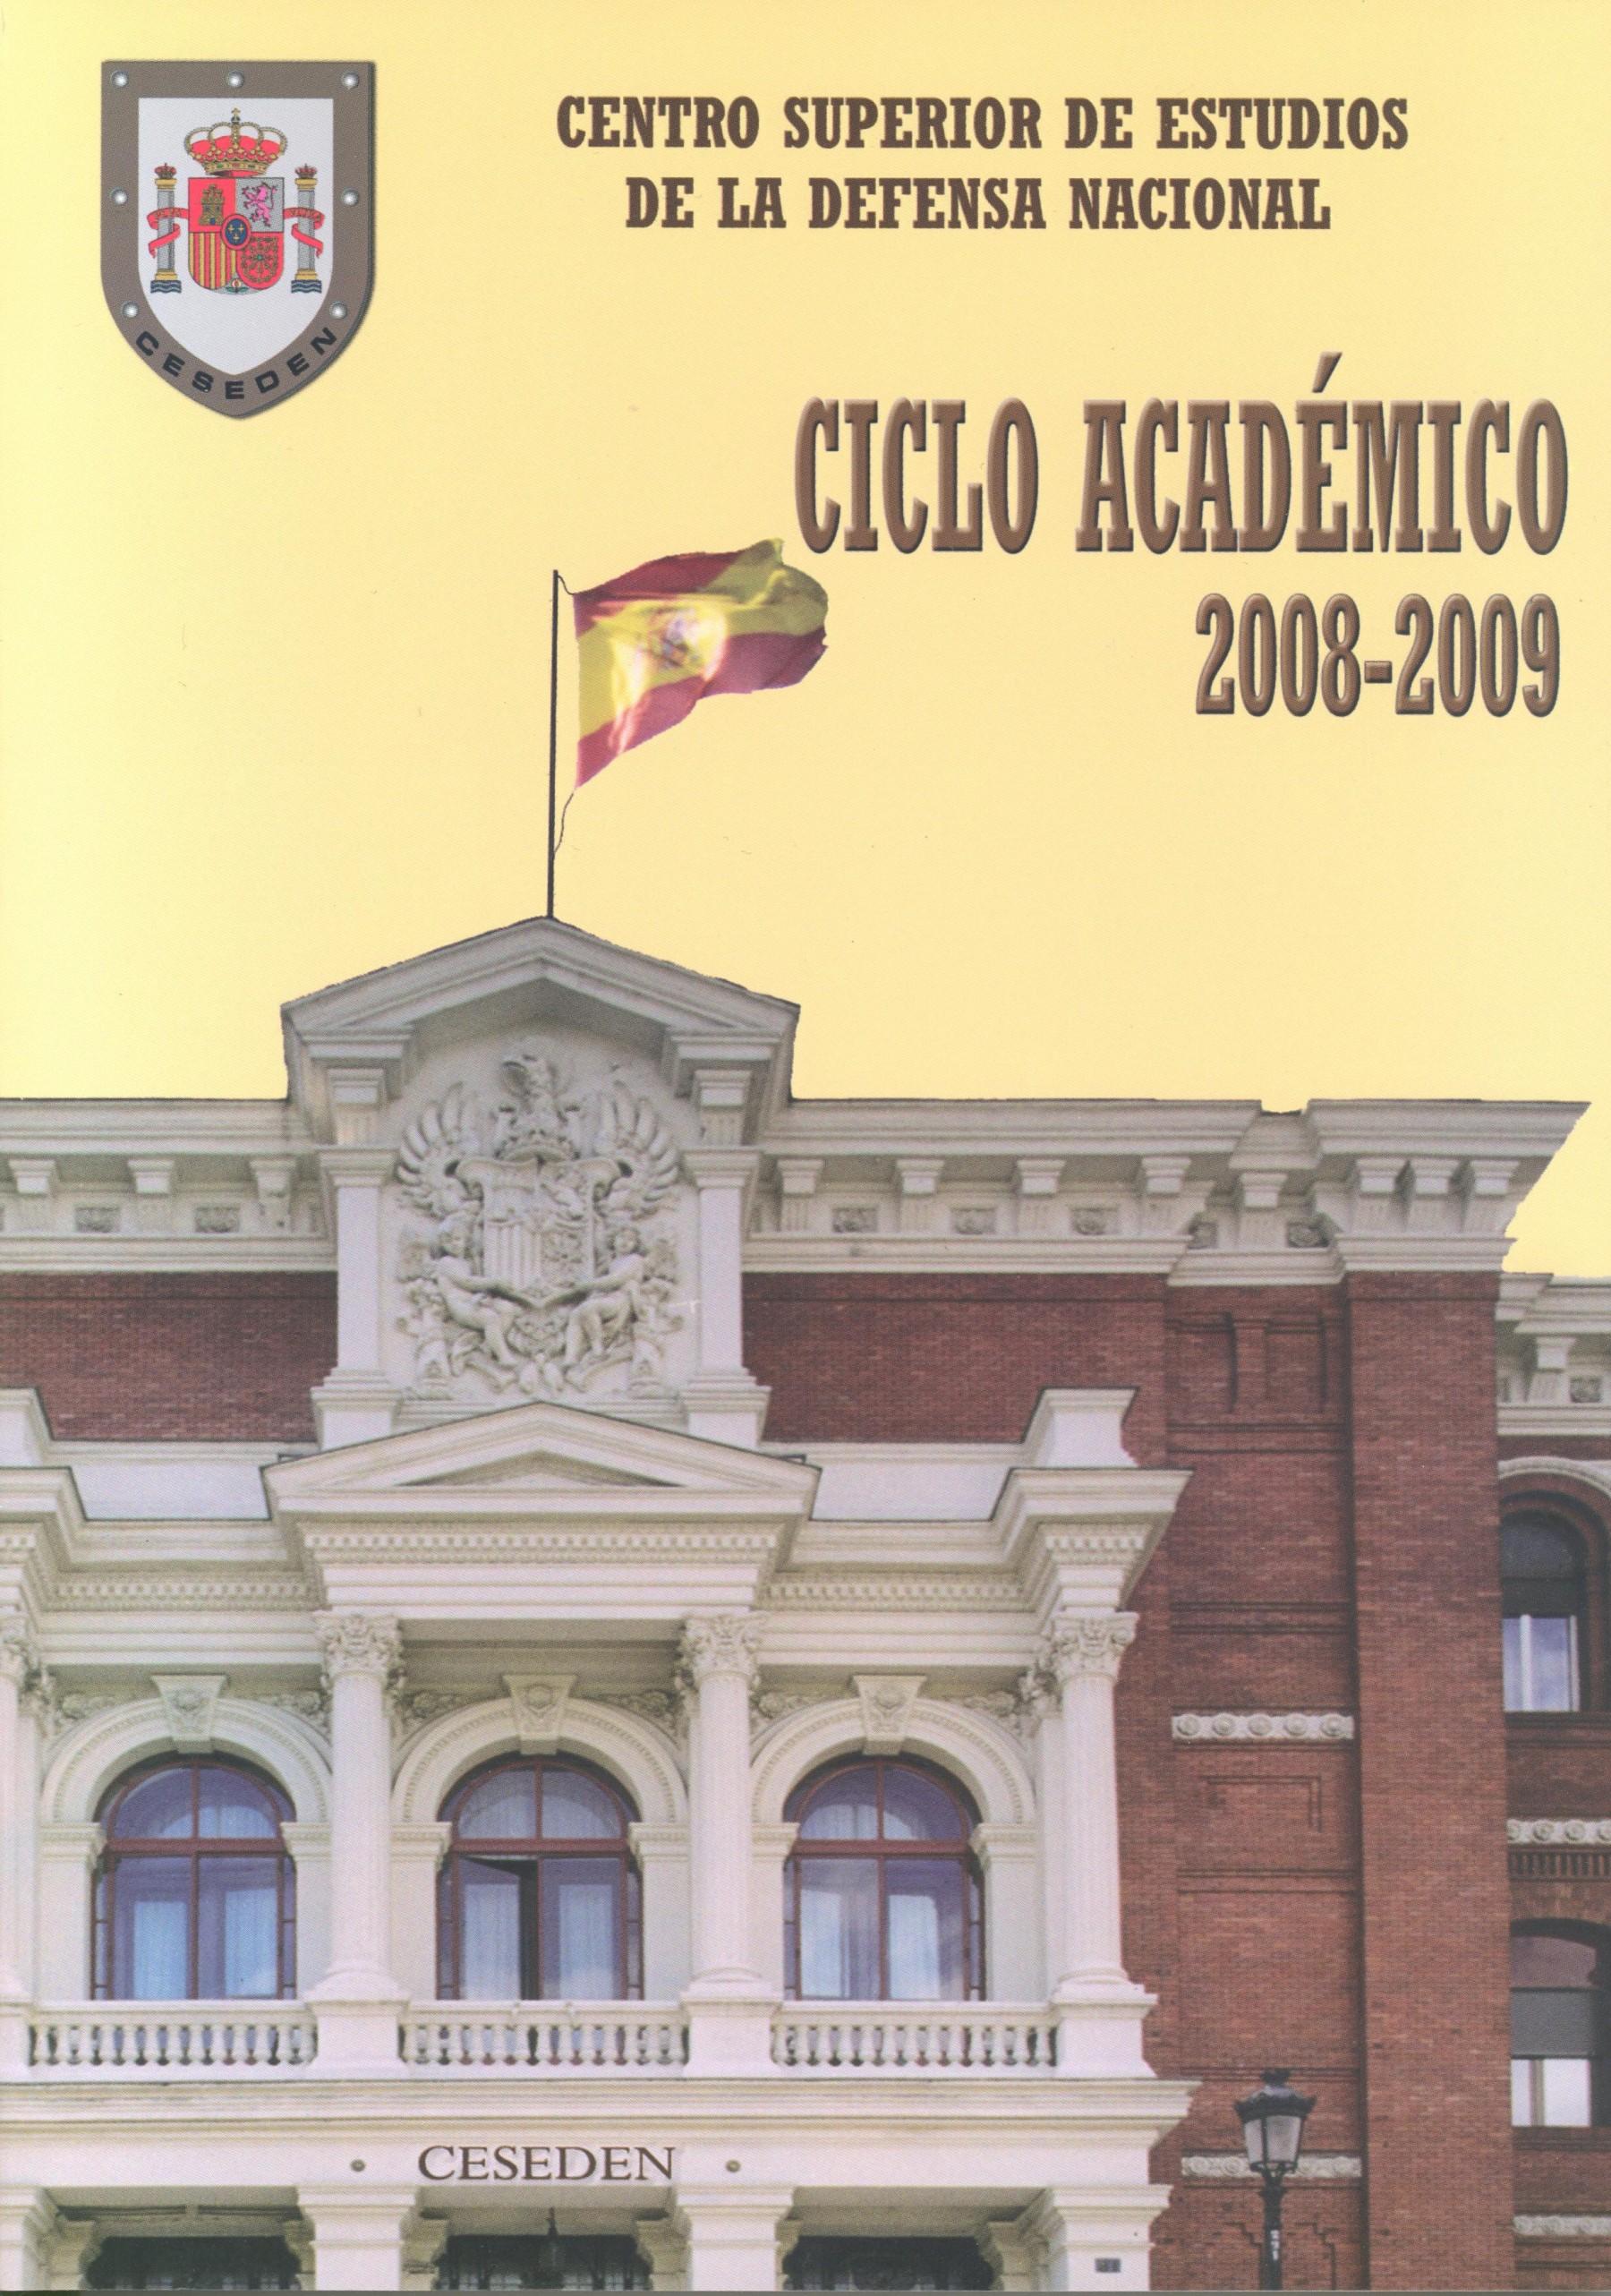 CENTRO SUPERIOR DE ESTUDIOS DE LA DEFENSA NACIONAL: CICLO ACADÉMICO 2008-2009